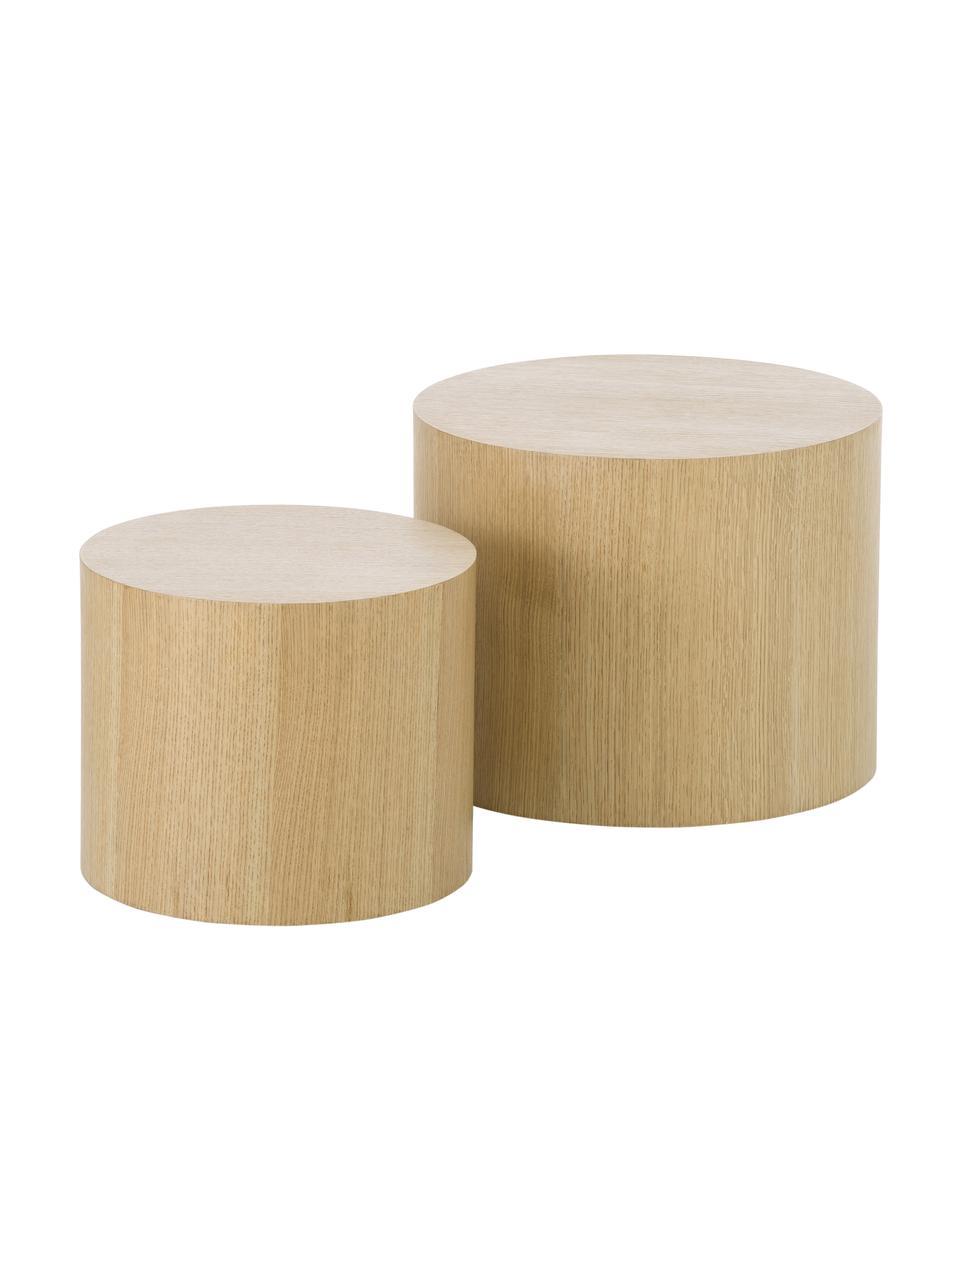 Set de mesas auxiliares Dan, 2uds., Tablero de fibras de densidad media(MDF) con chapado de roble, Madera, Set de diferentes tamaños